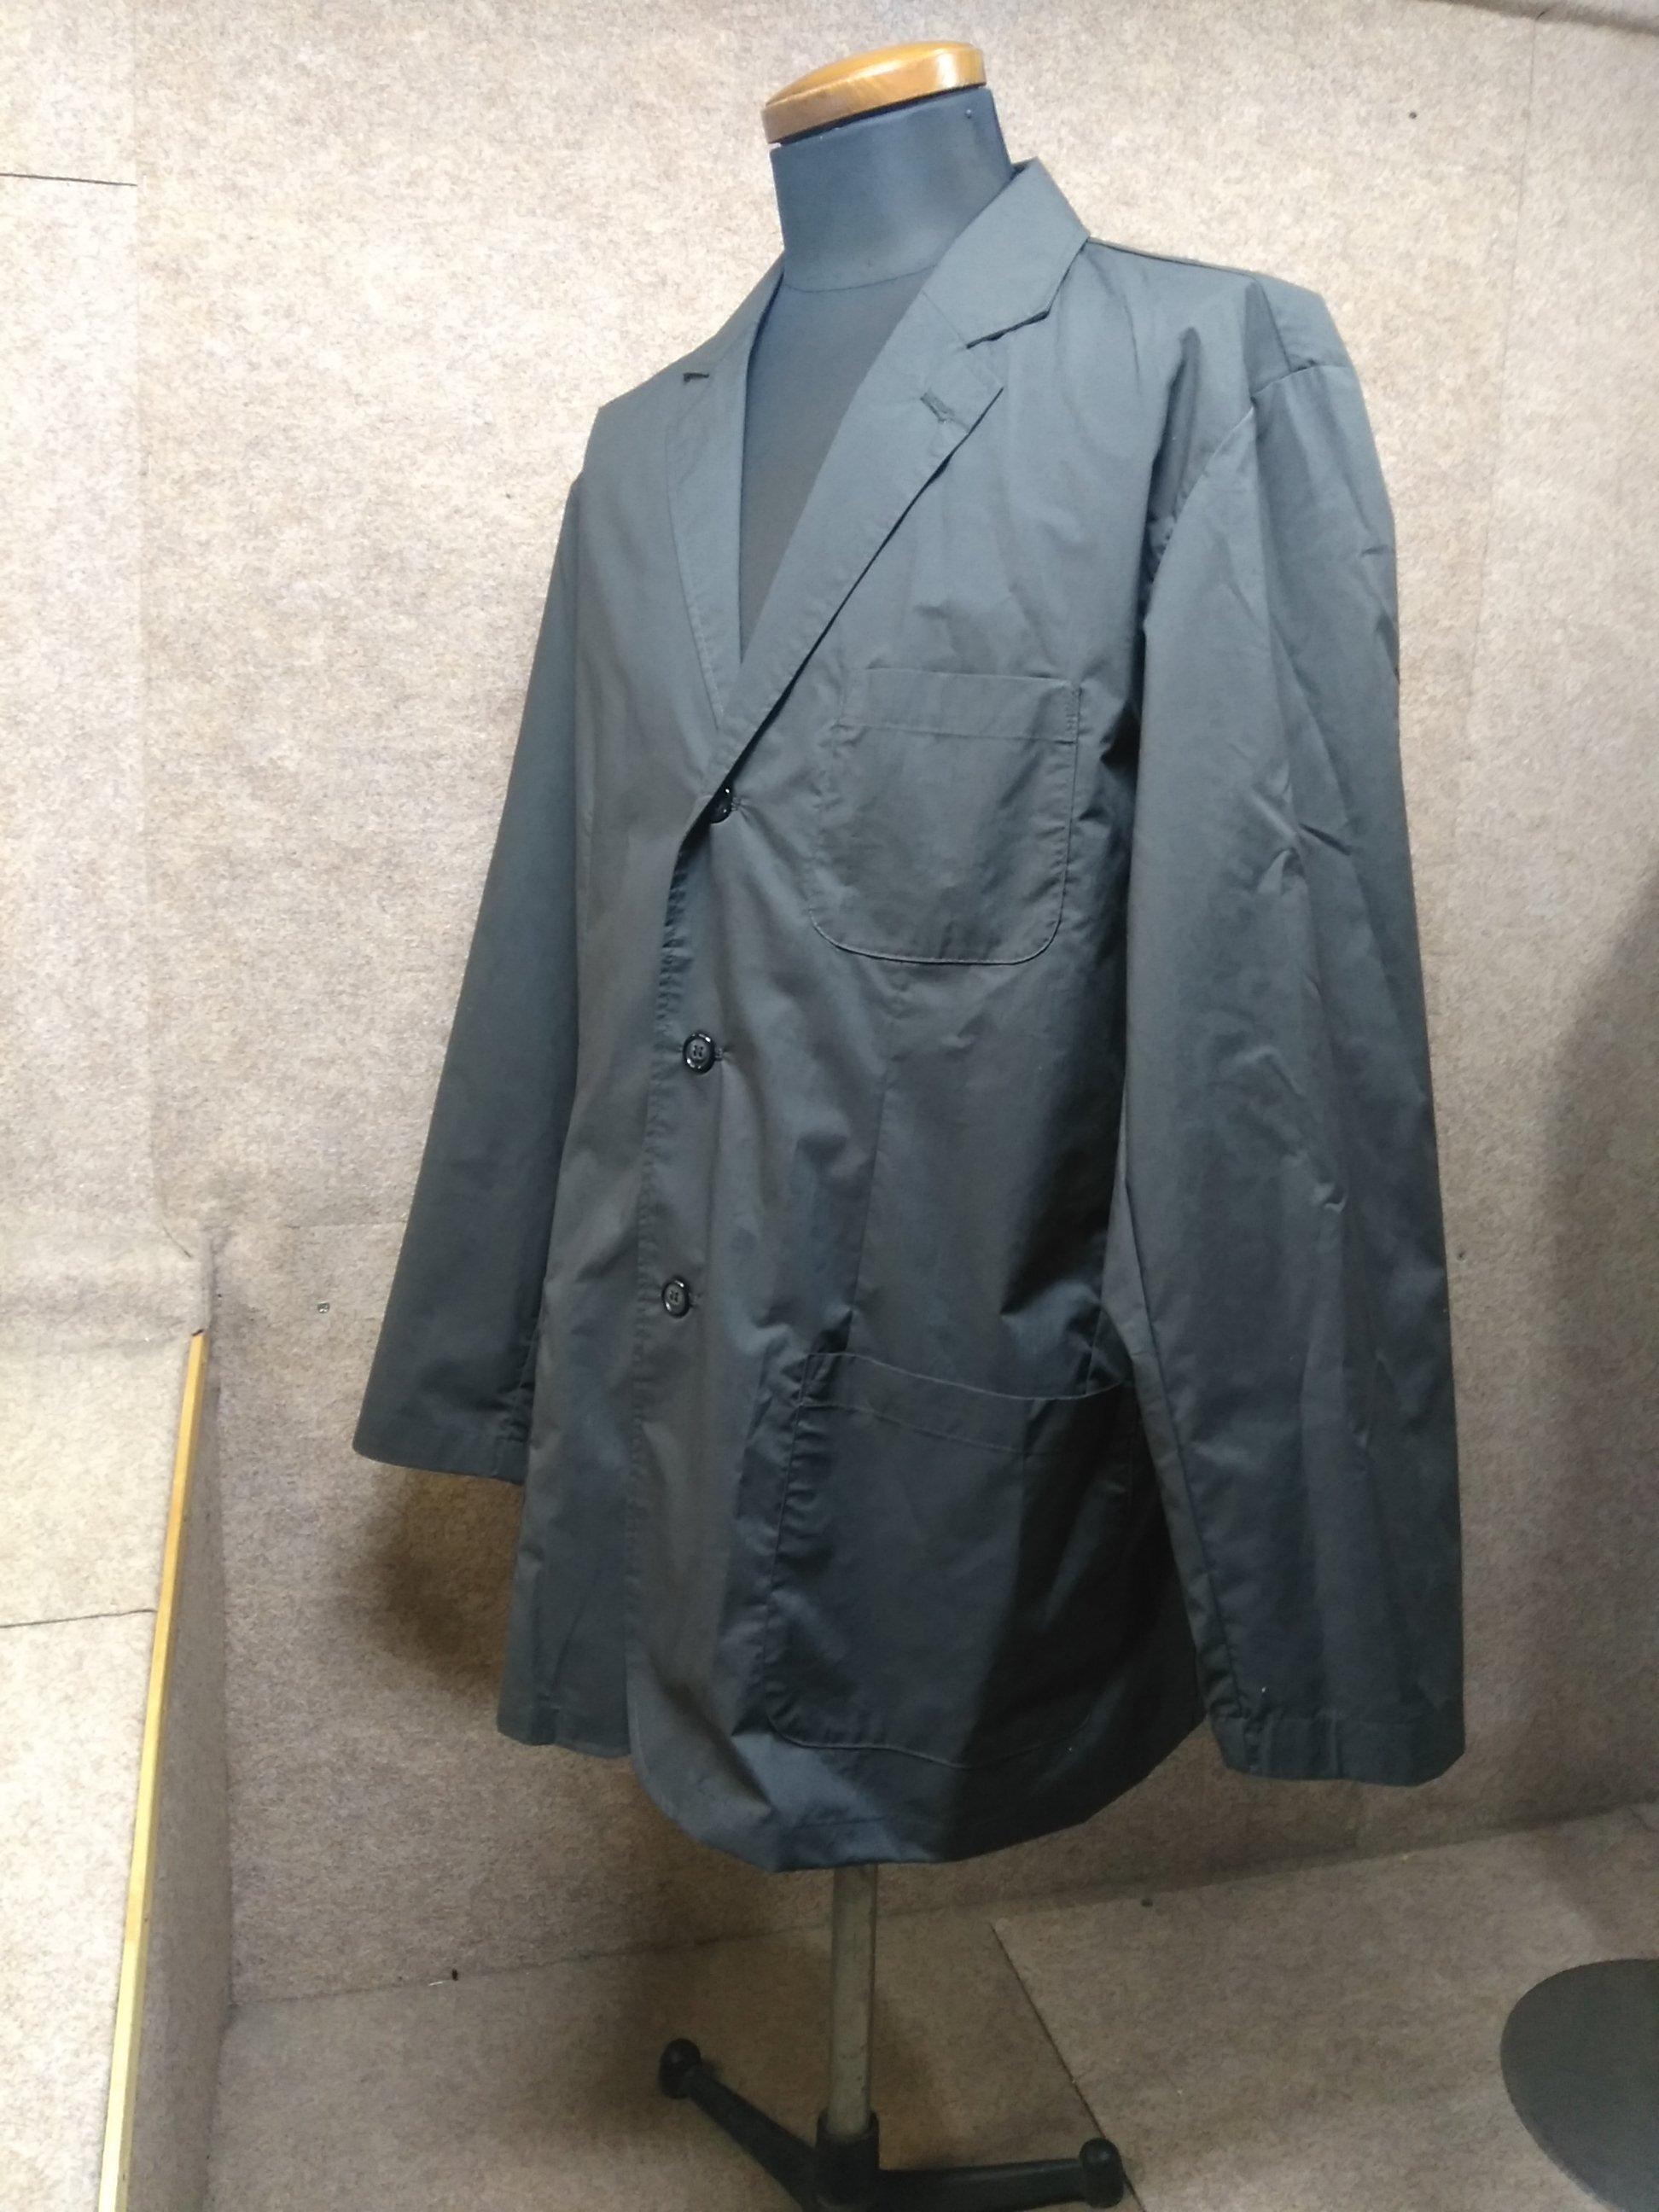 ビアスポ beaspo コート ジャケット 薄手 濃グレー L mh658E